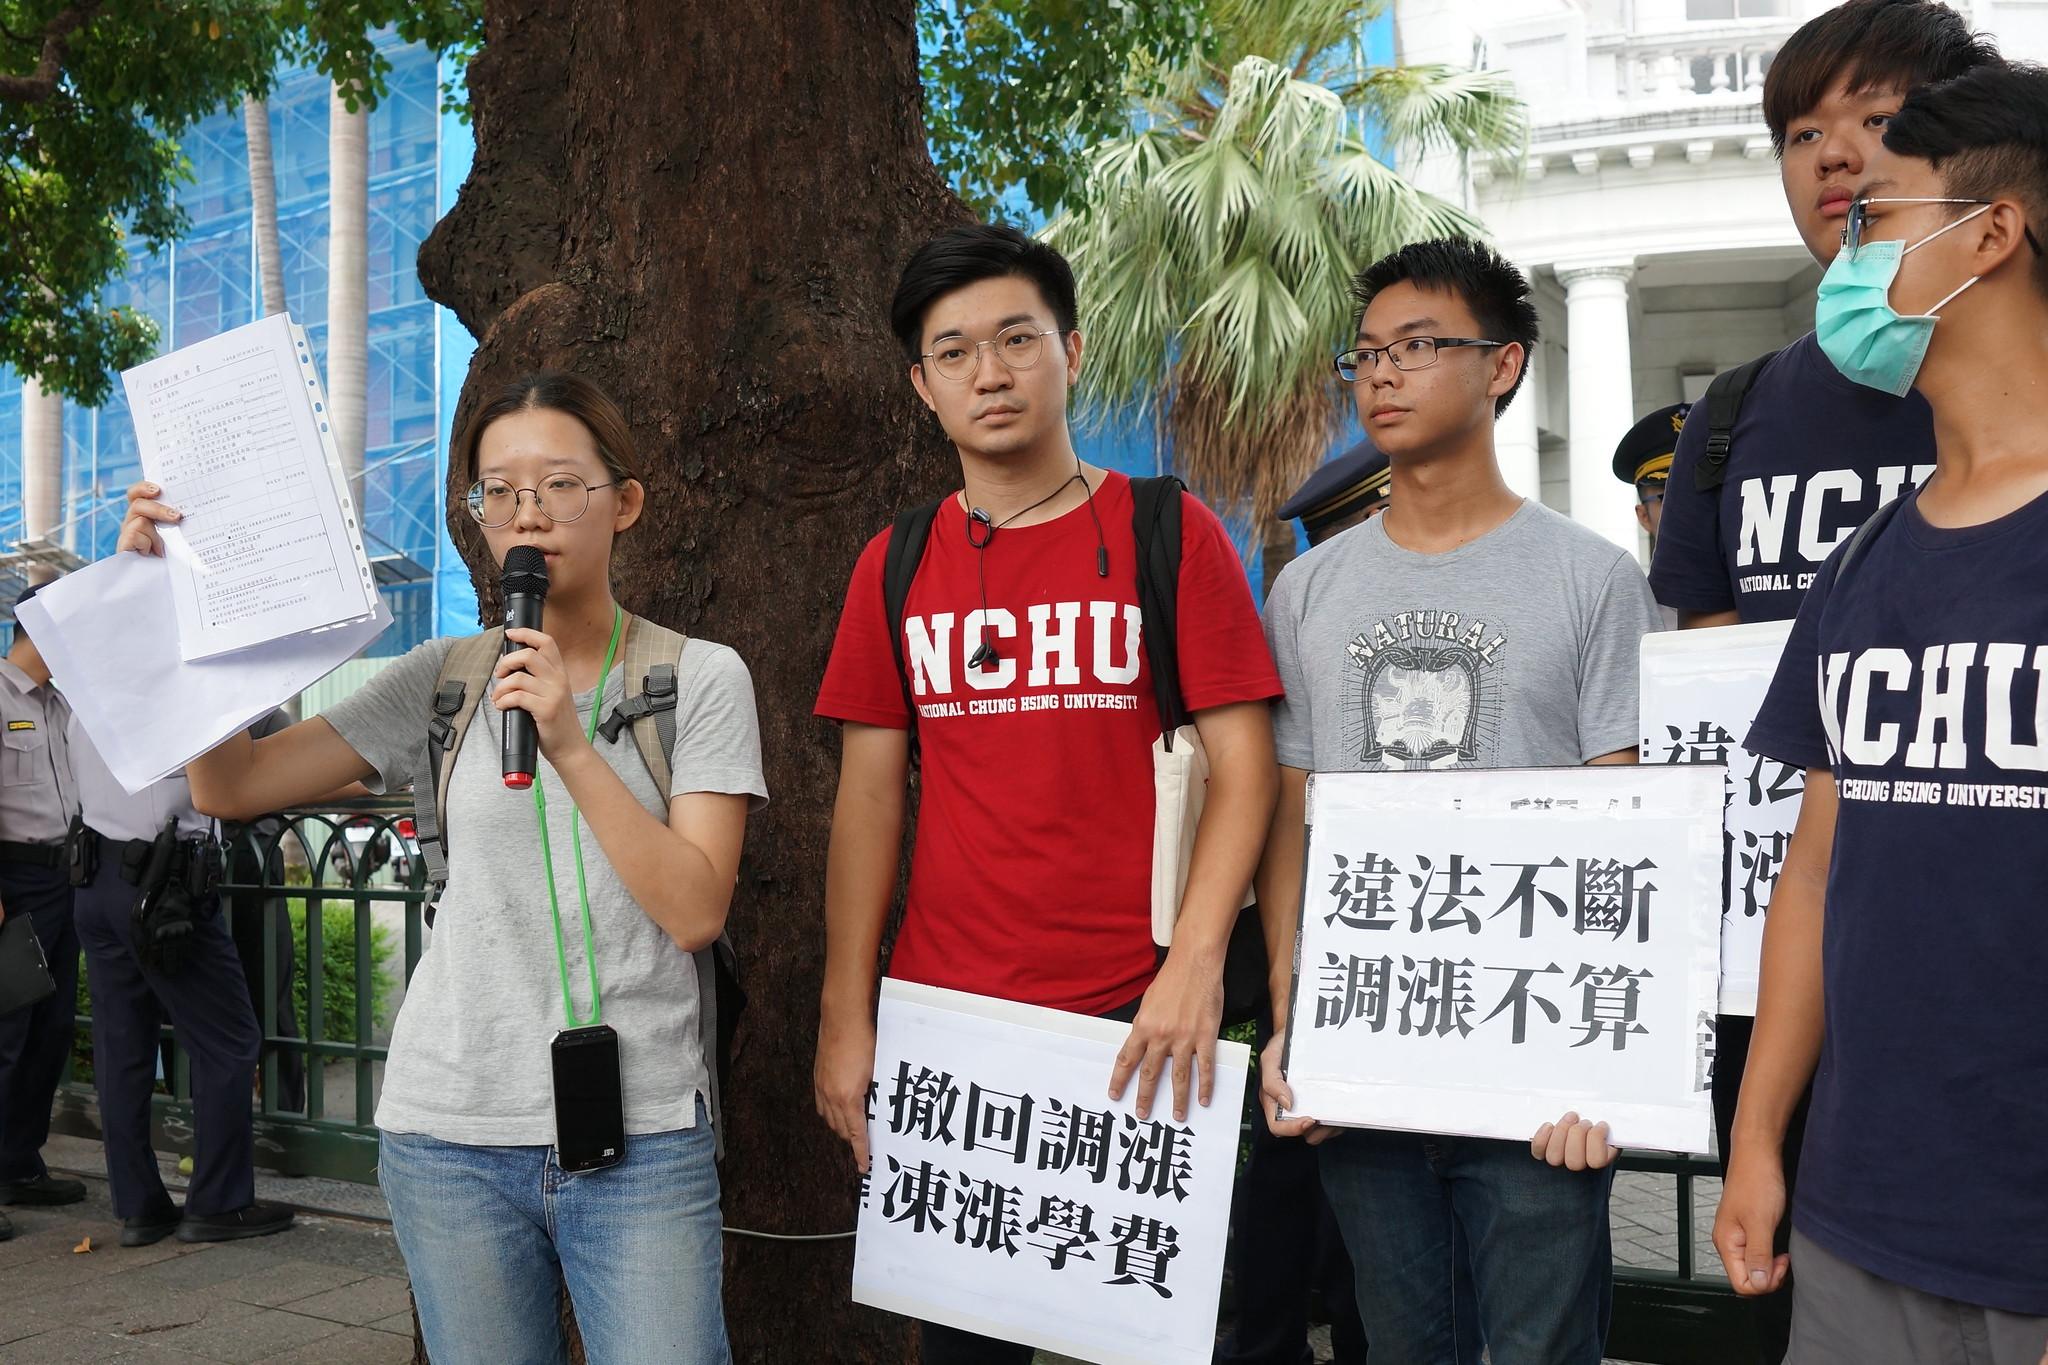 学生要求监察院调查、纠正教育部。(摄影:王颢中)